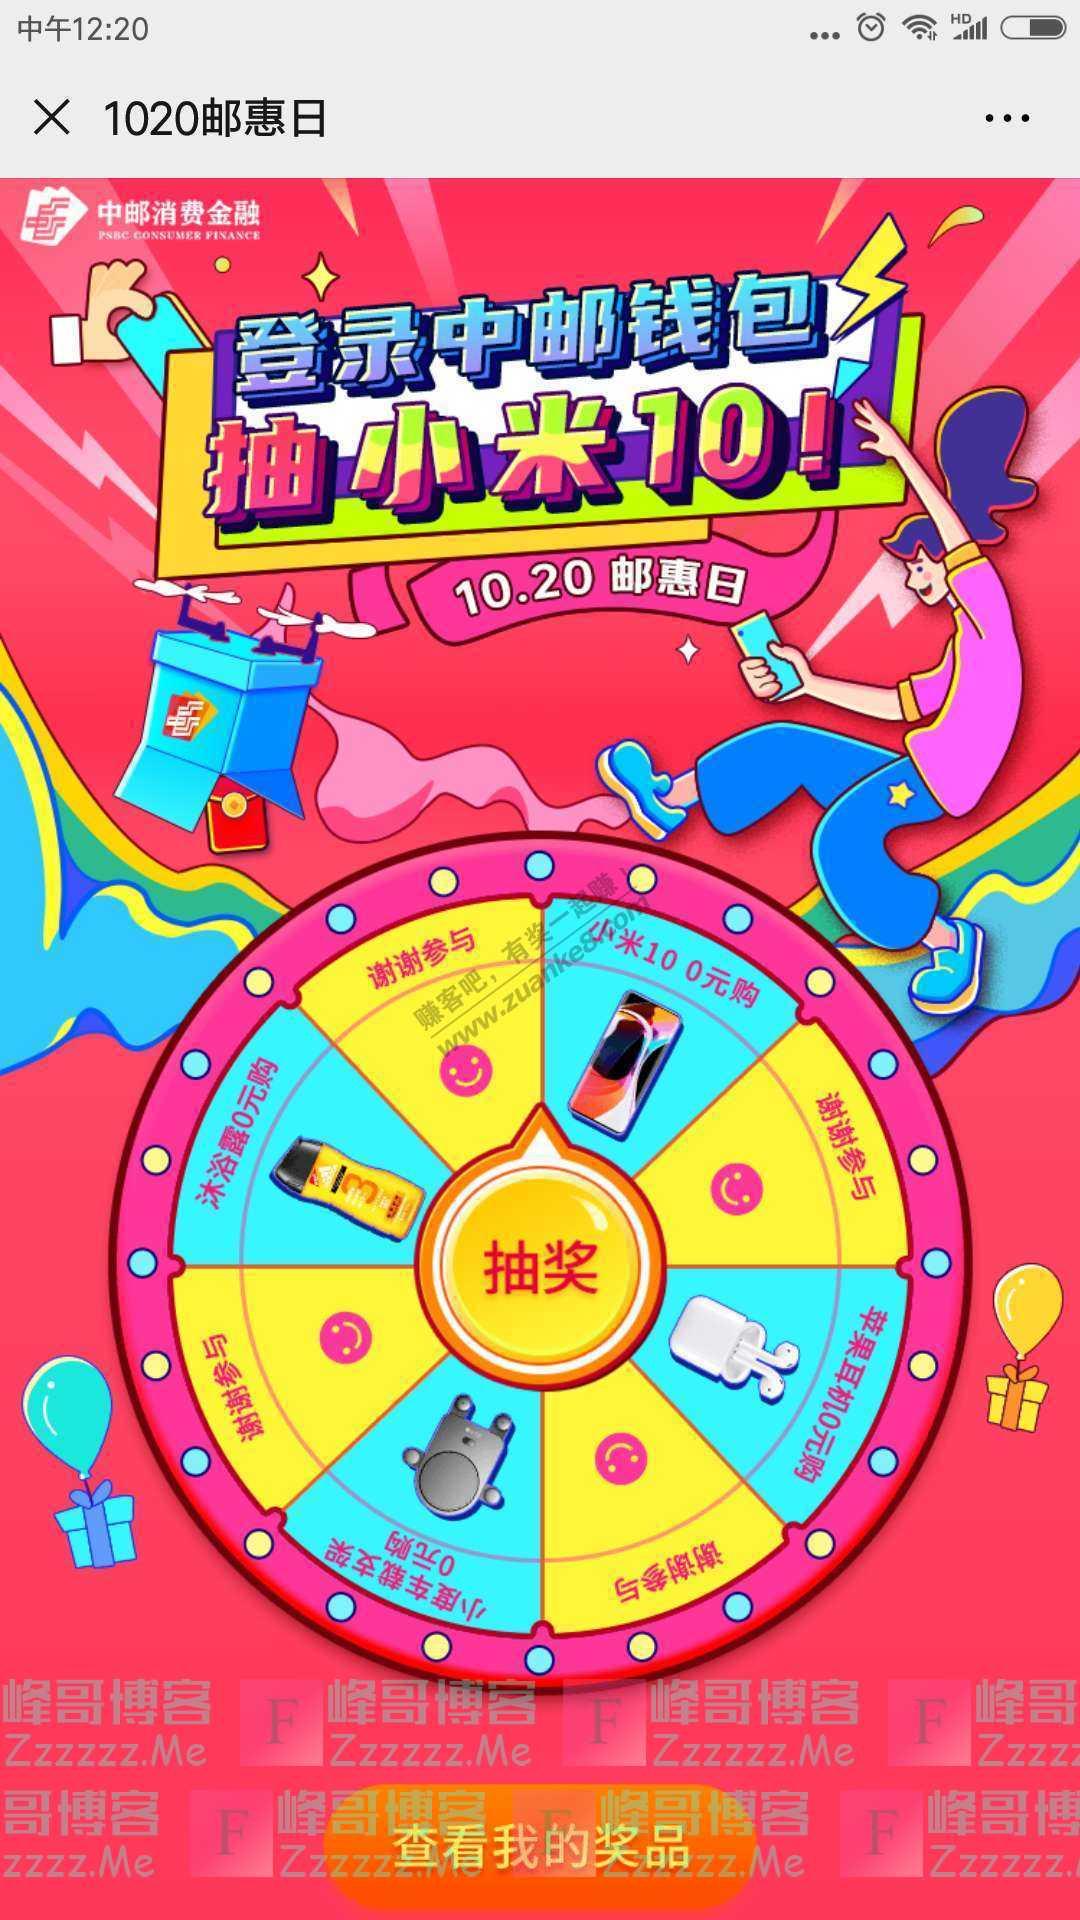 中邮消费金融邮惠日福利!价值3999元的小米5G手机免费领(截止10月20日)